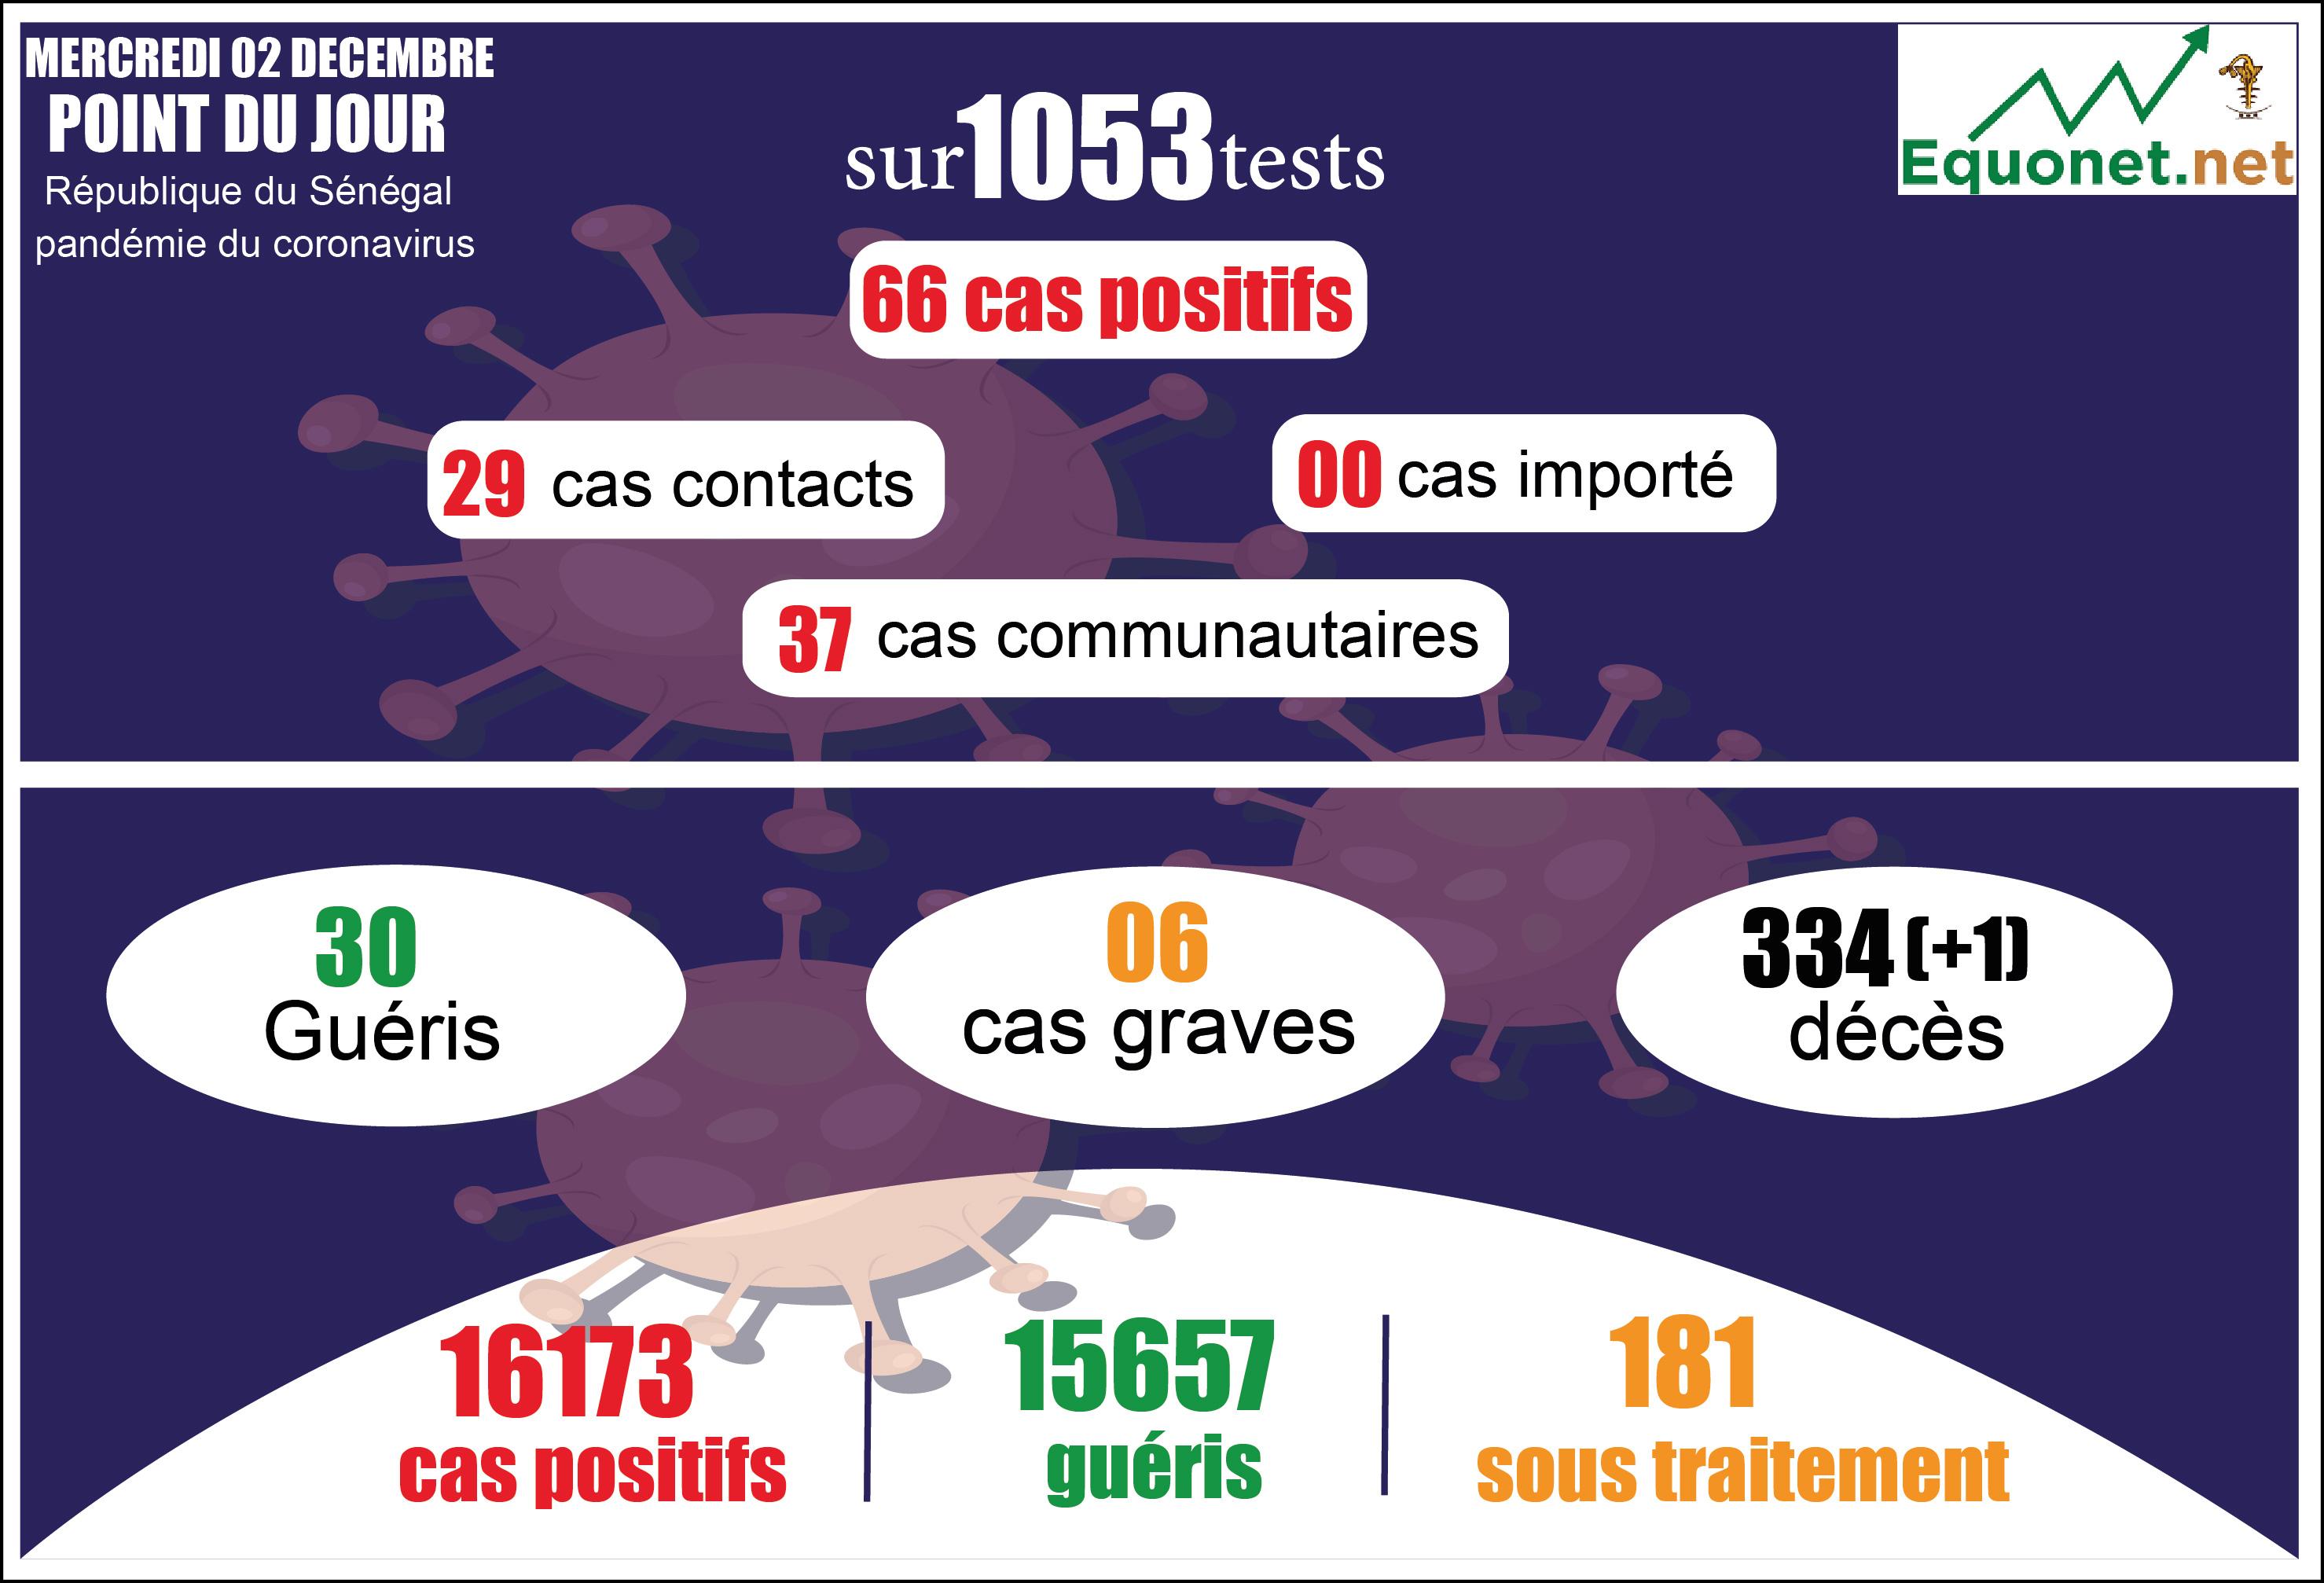 pandémie du coronavirus-covid-19 au sénégal : point de situation du mercredi 2 décembre 2020